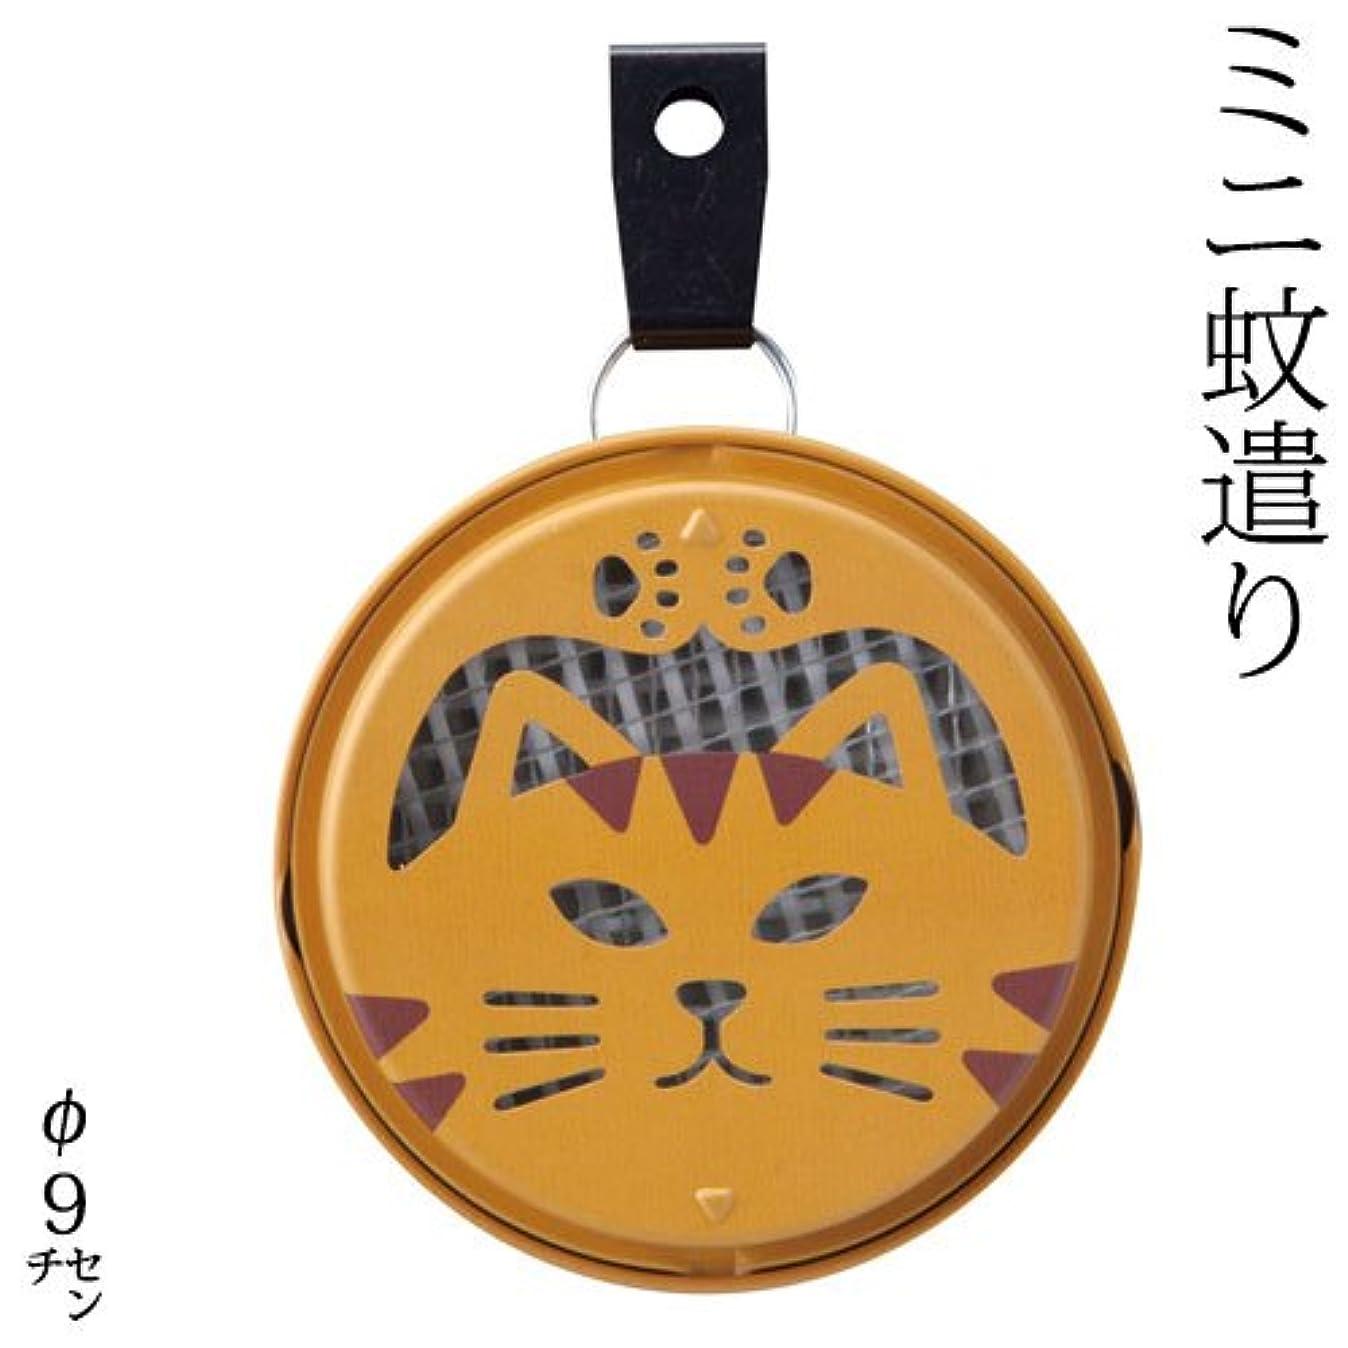 噂受け皿肯定的DECOLEポータブルミニ蚊遣りトラ猫 (SK-87513)吊り下げ?床置き対応Portable mini Kayari